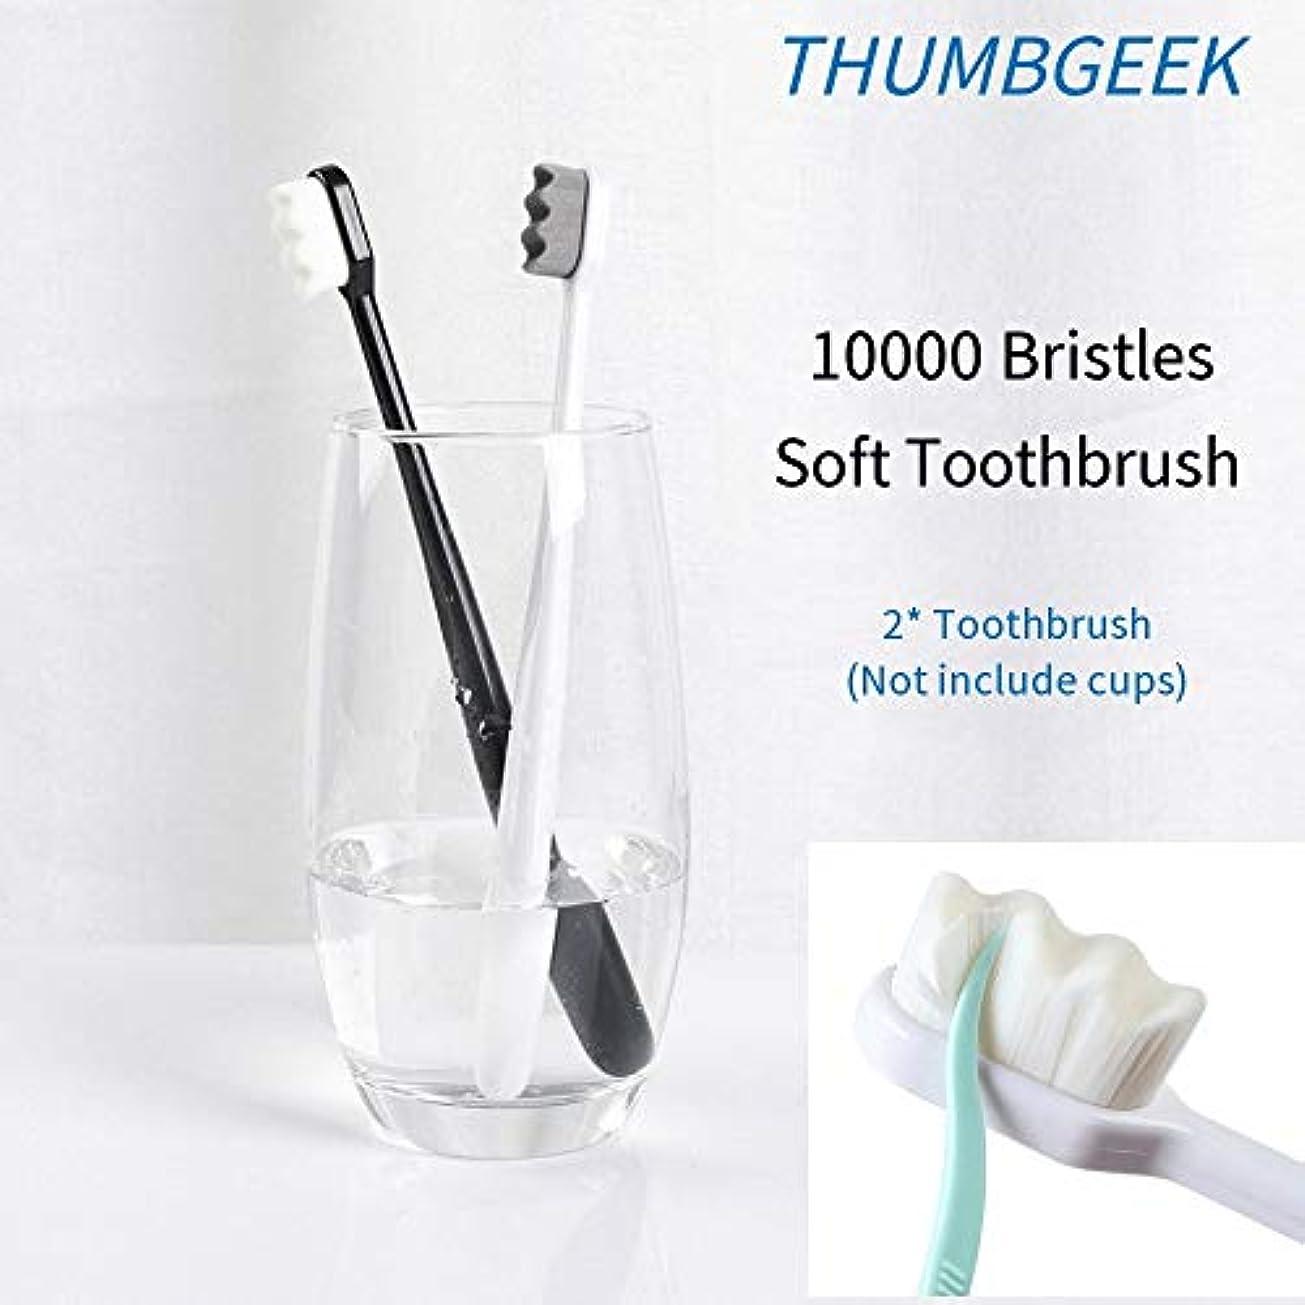 アナニバーにぎやかセミナー2本の歯ブラシ、ウルトラソフト歯ブラシ、家族の妊娠中の女性用、年配の看護の歯肉に敏感なディープマウスクリーンオーラルケア、手動歯ブラシ